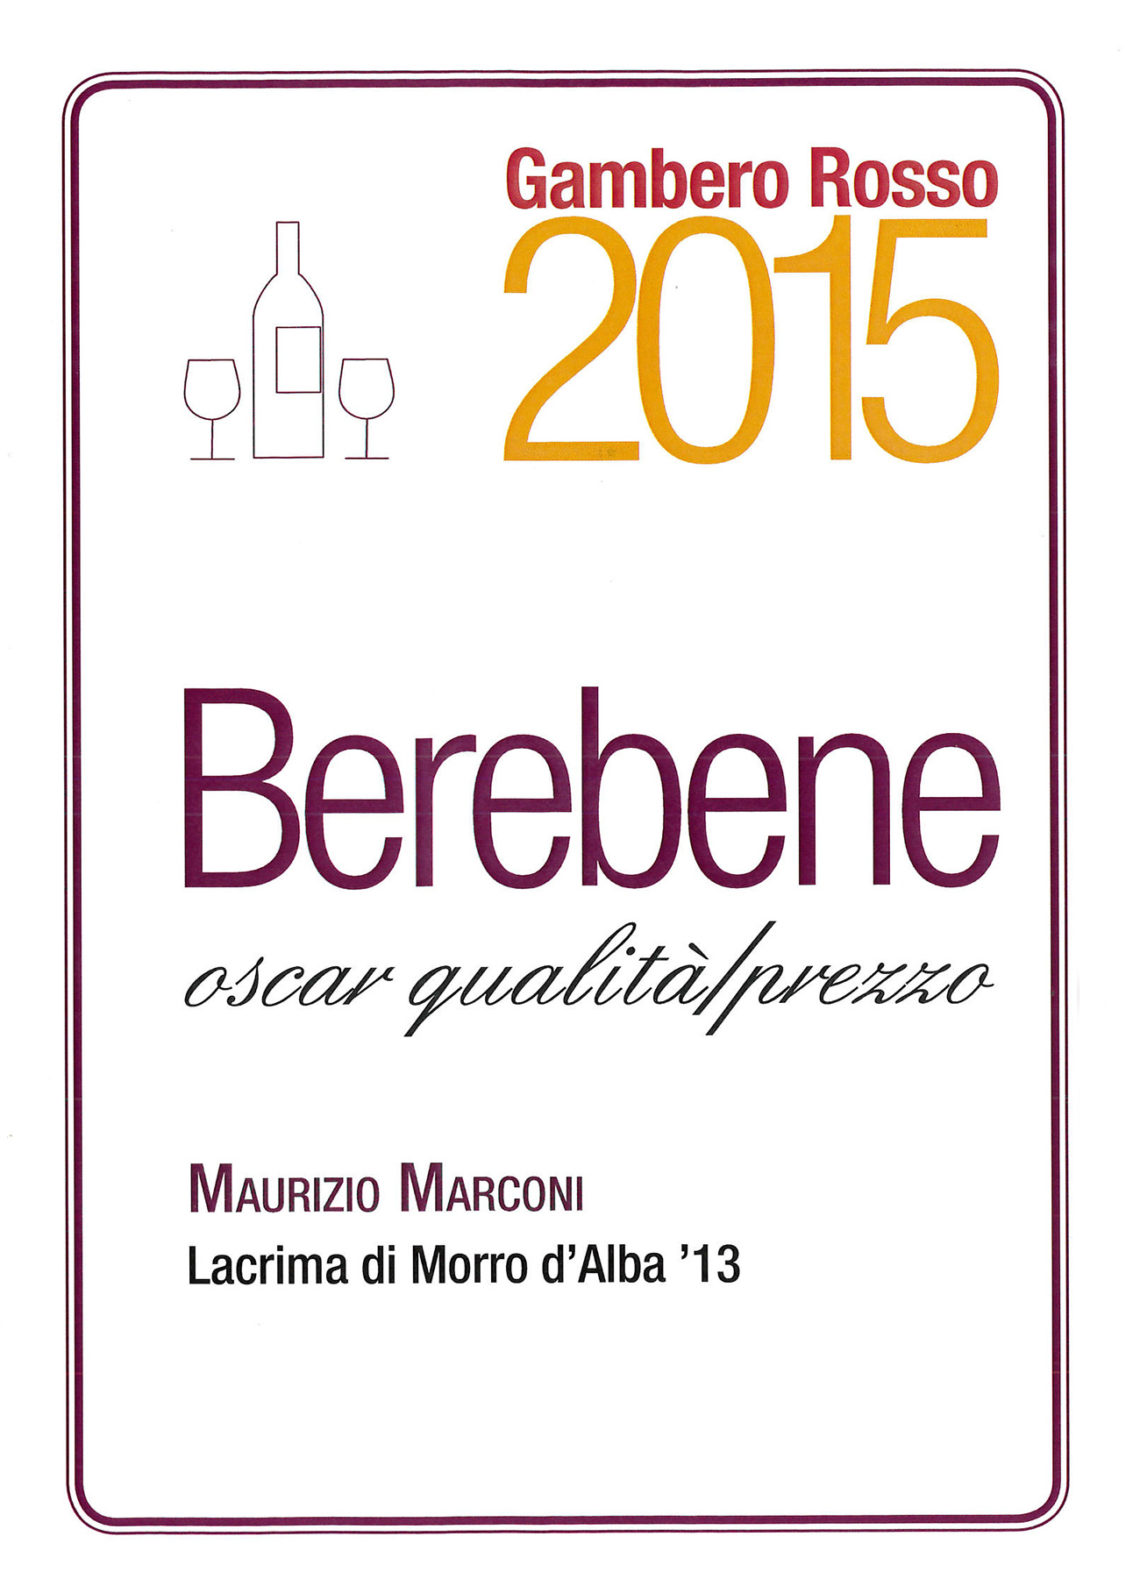 Marconi Vini - Lacrima di Morro d'Alba 2013 - Gambero Rosso Berebene 2015